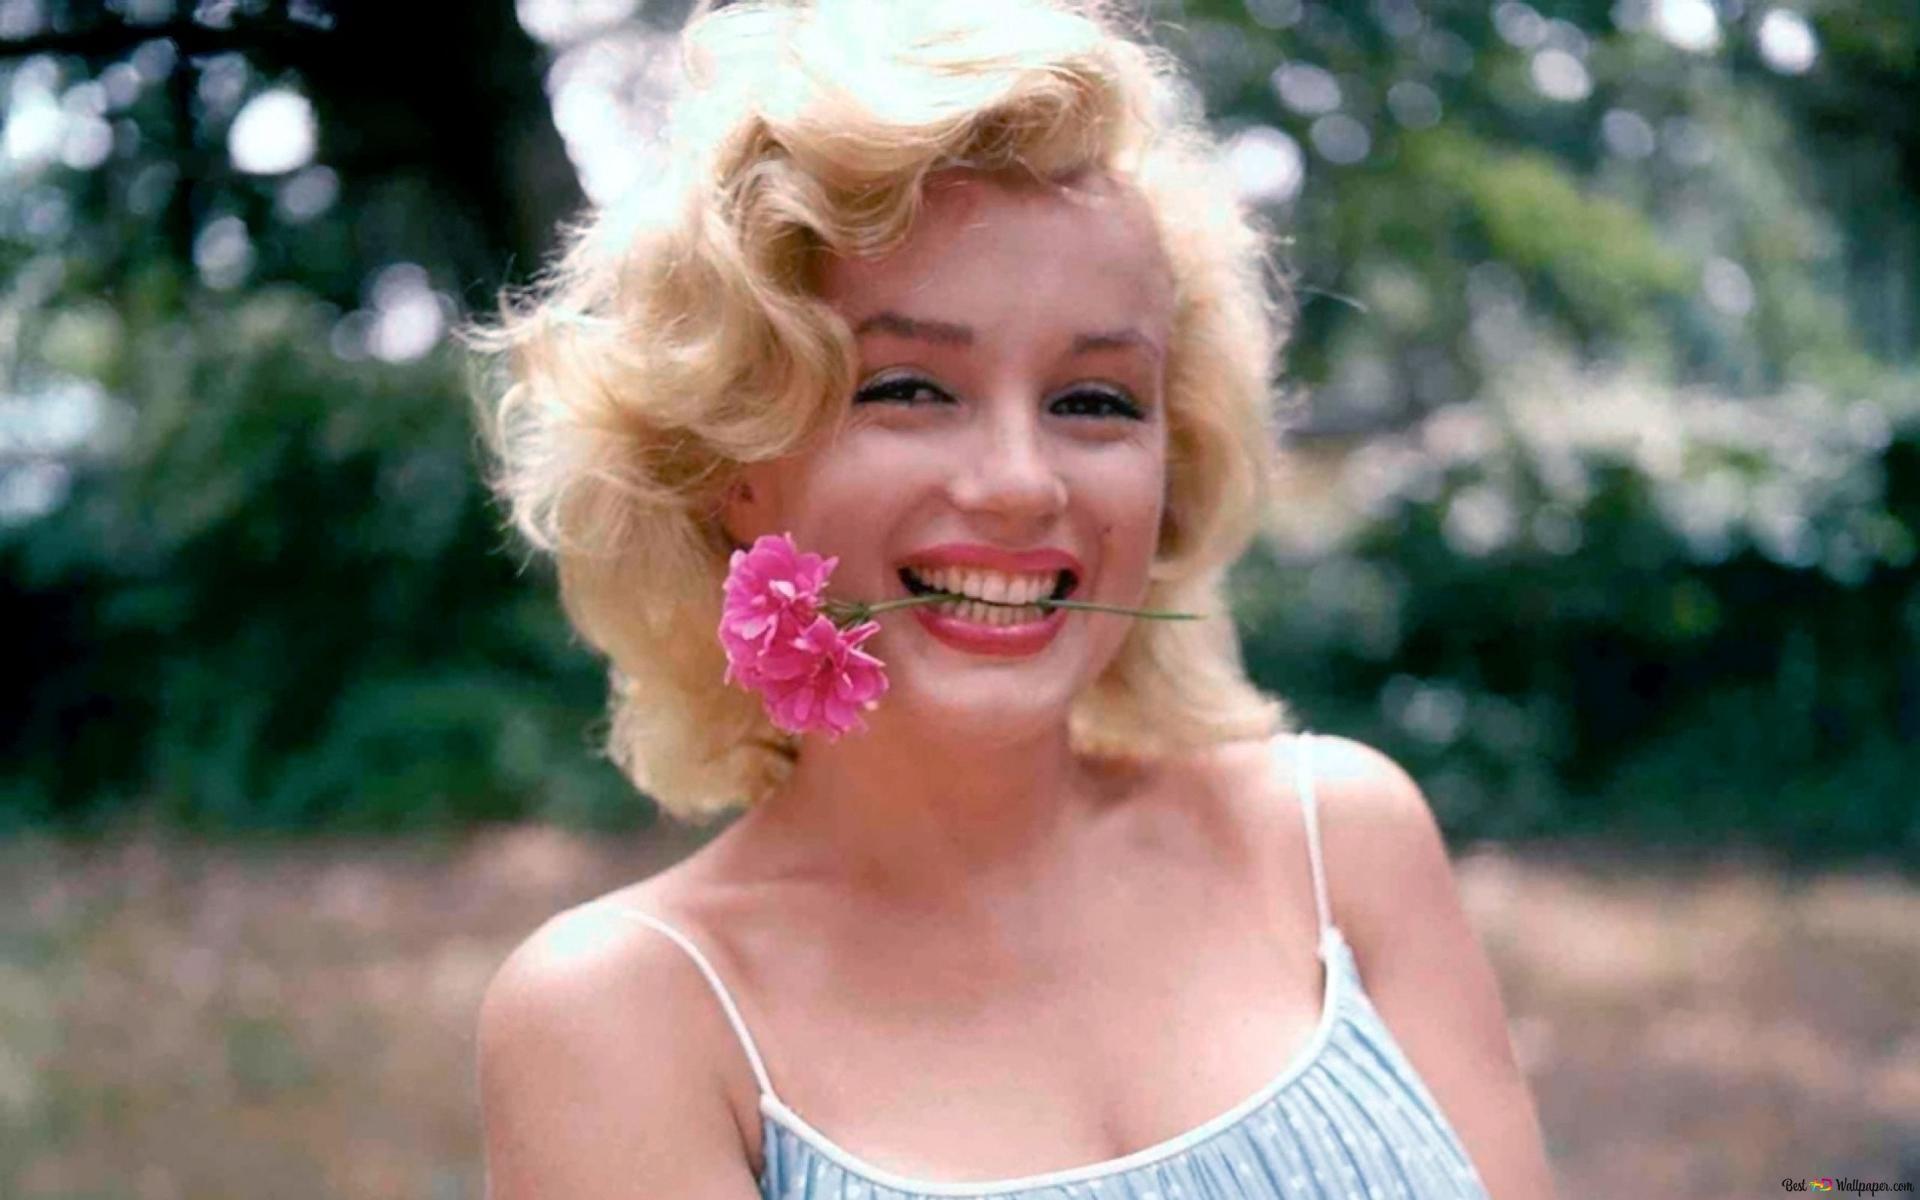 الجميلة الممثلة مارلين مونرو عض زهرة القرنفل تنزيل خلفية Hd